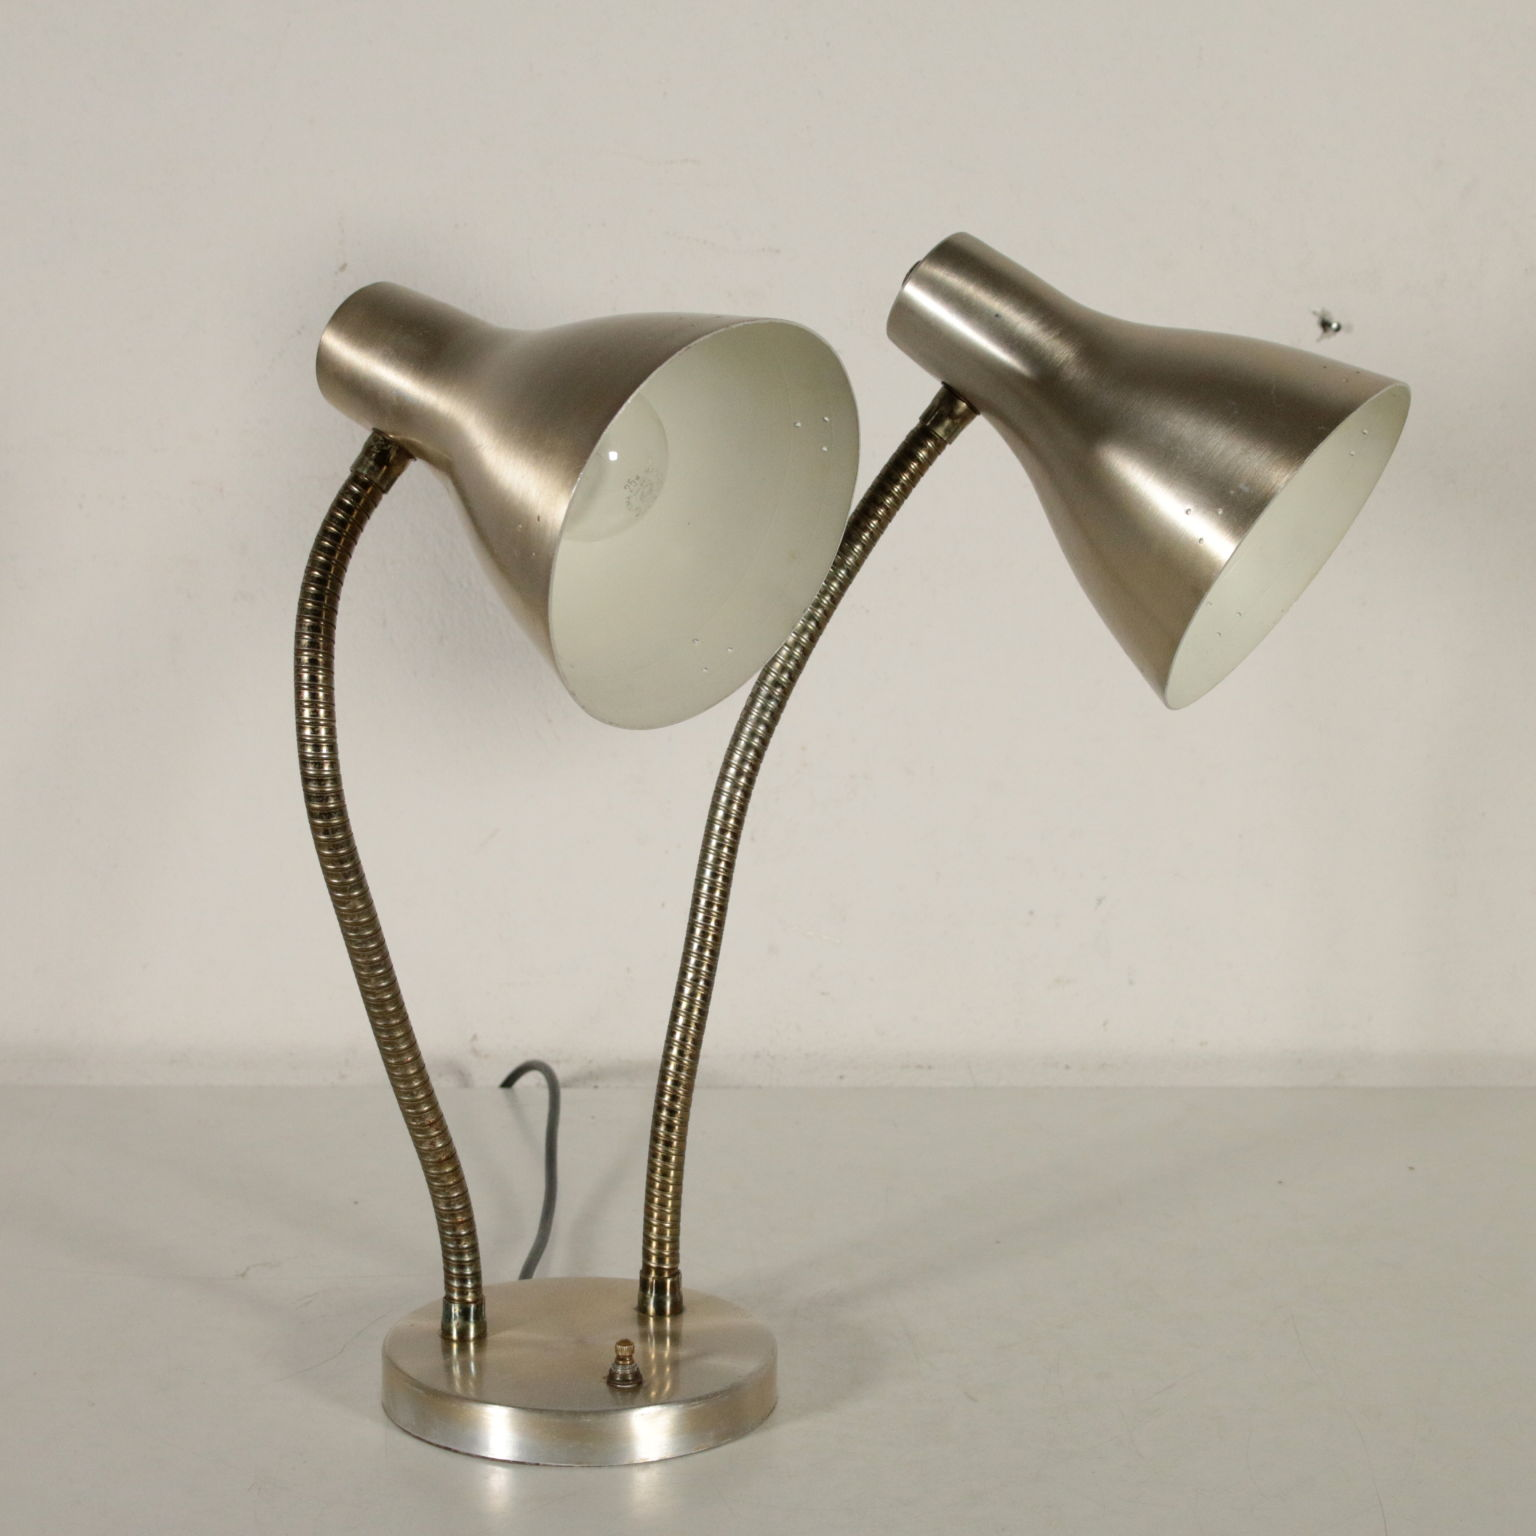 Aluminium Fabriqué Lampe Années De 70 Table Italie Chromé En MGqzpSUV